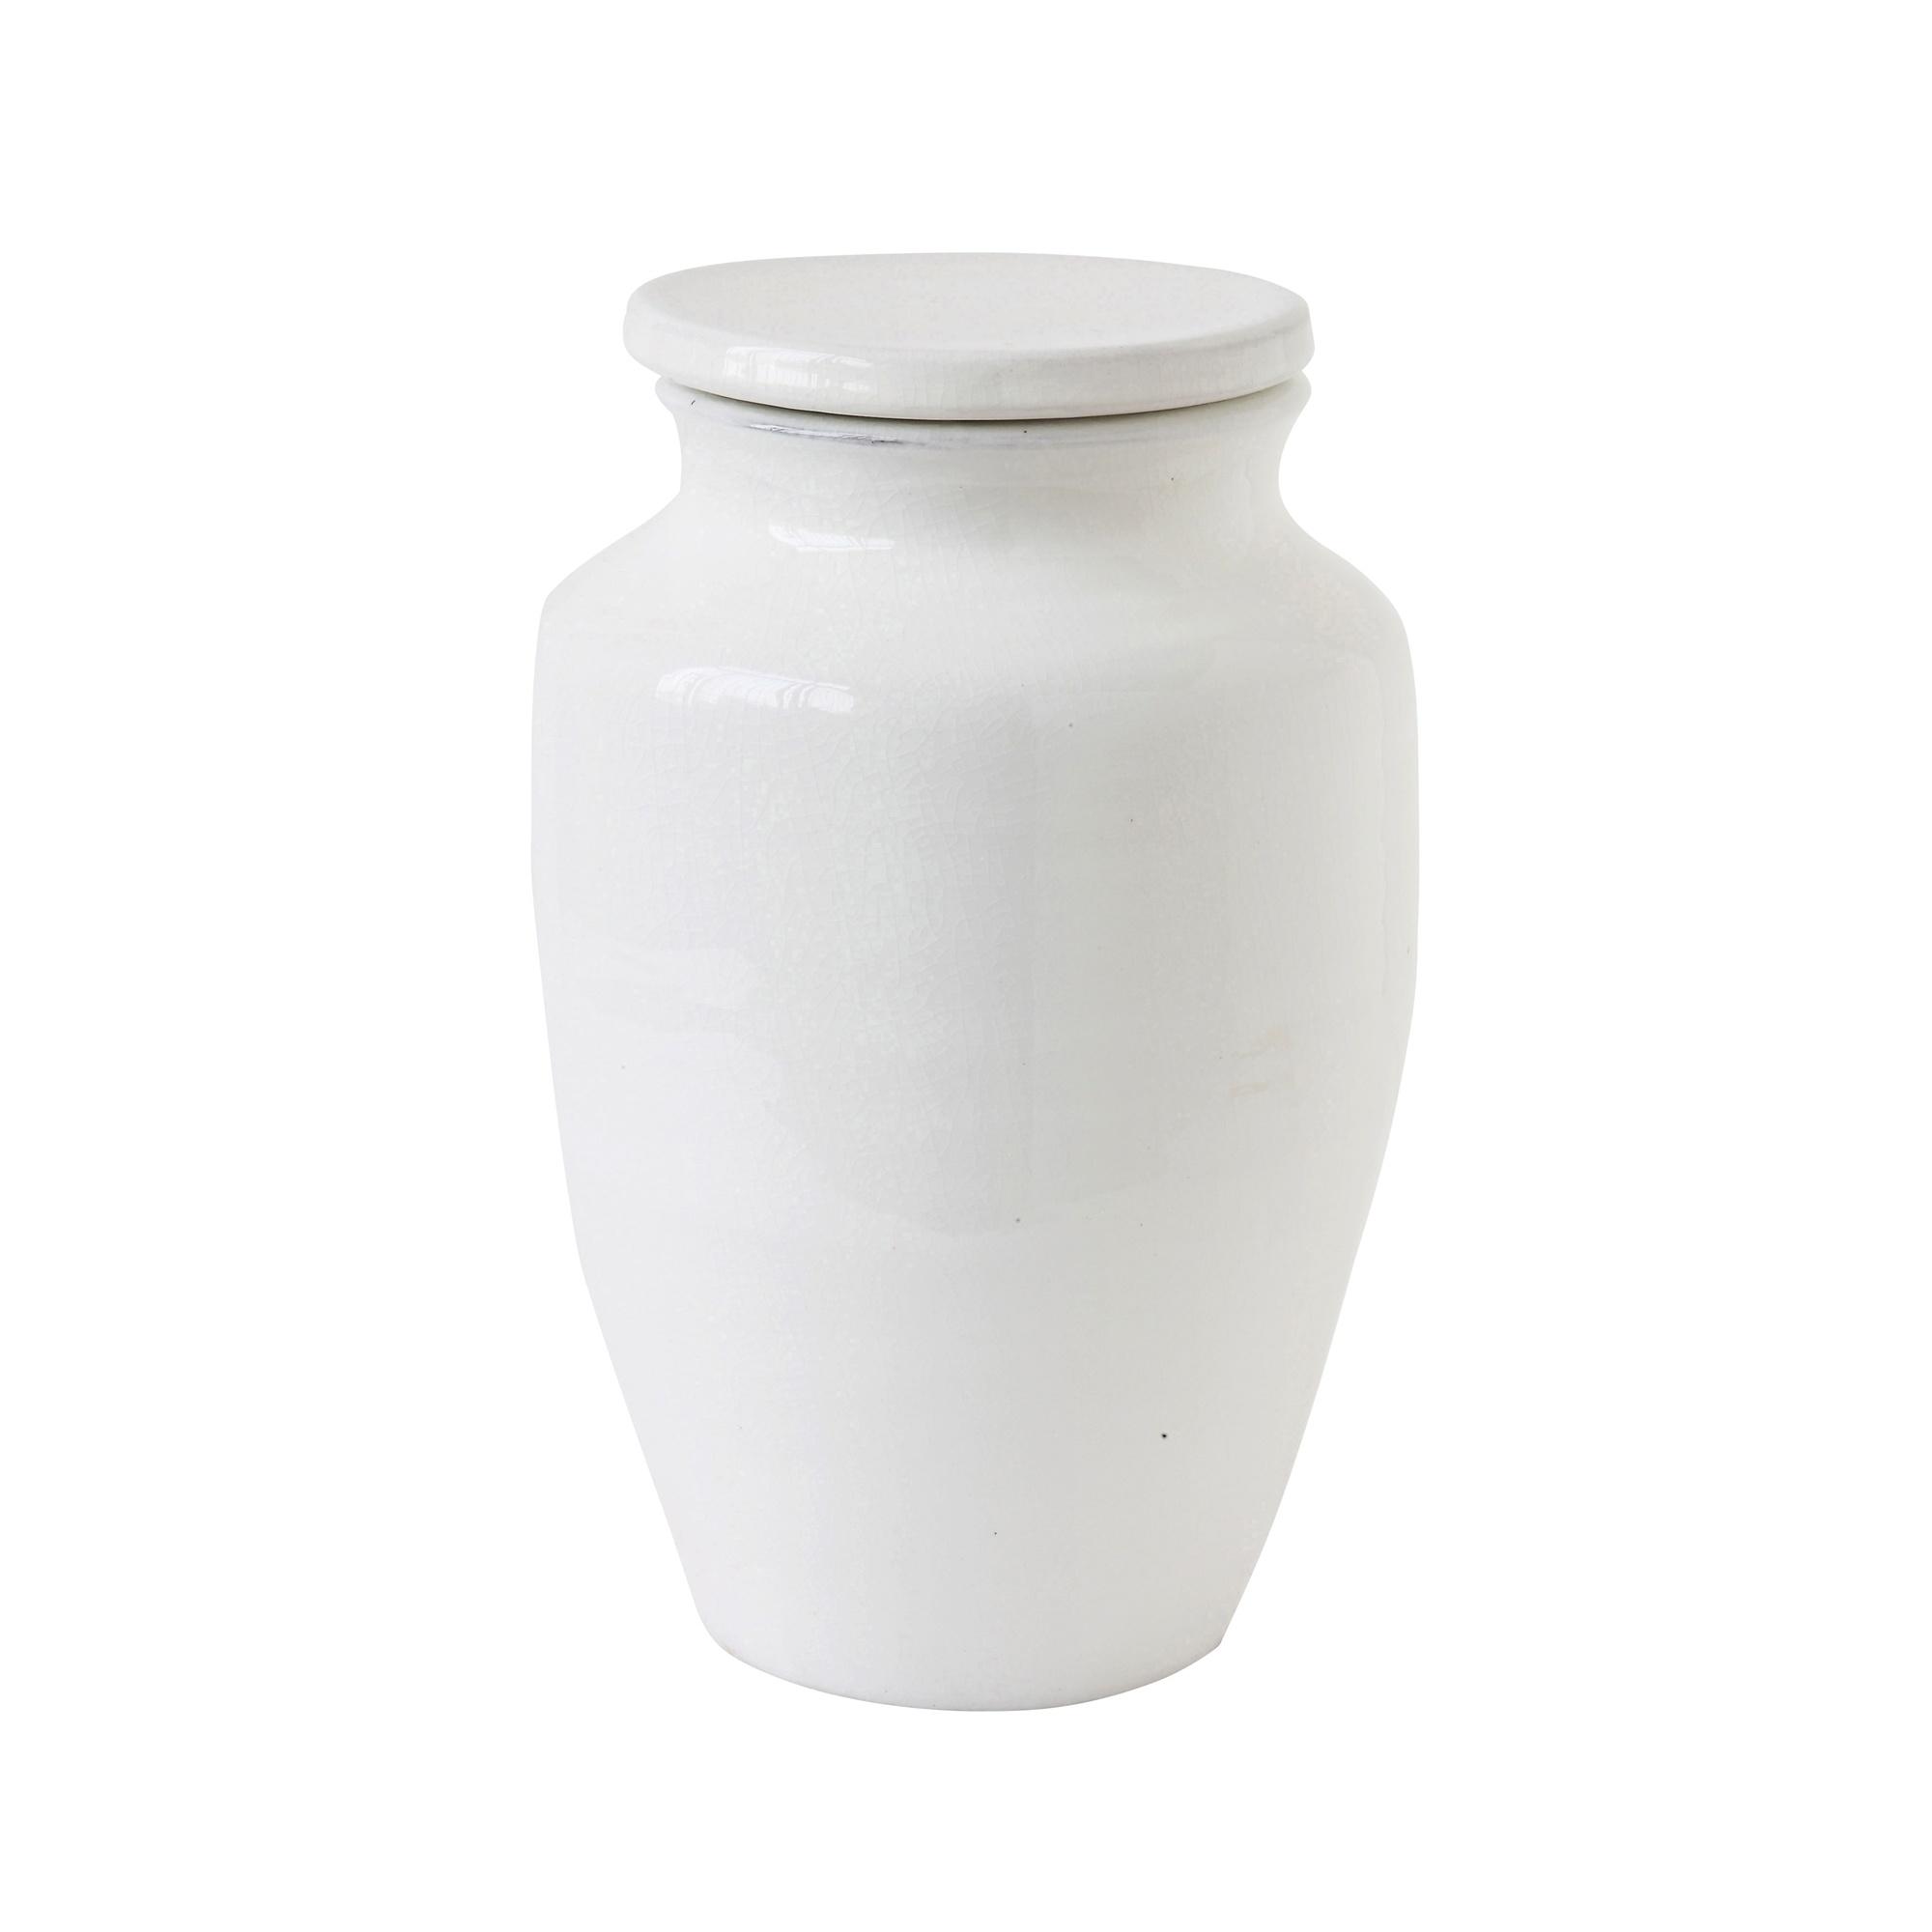 Bloomingville Pot en grès avec couvercle deco, terracotta - Ø18xH30cm - blanc - Bloomingville